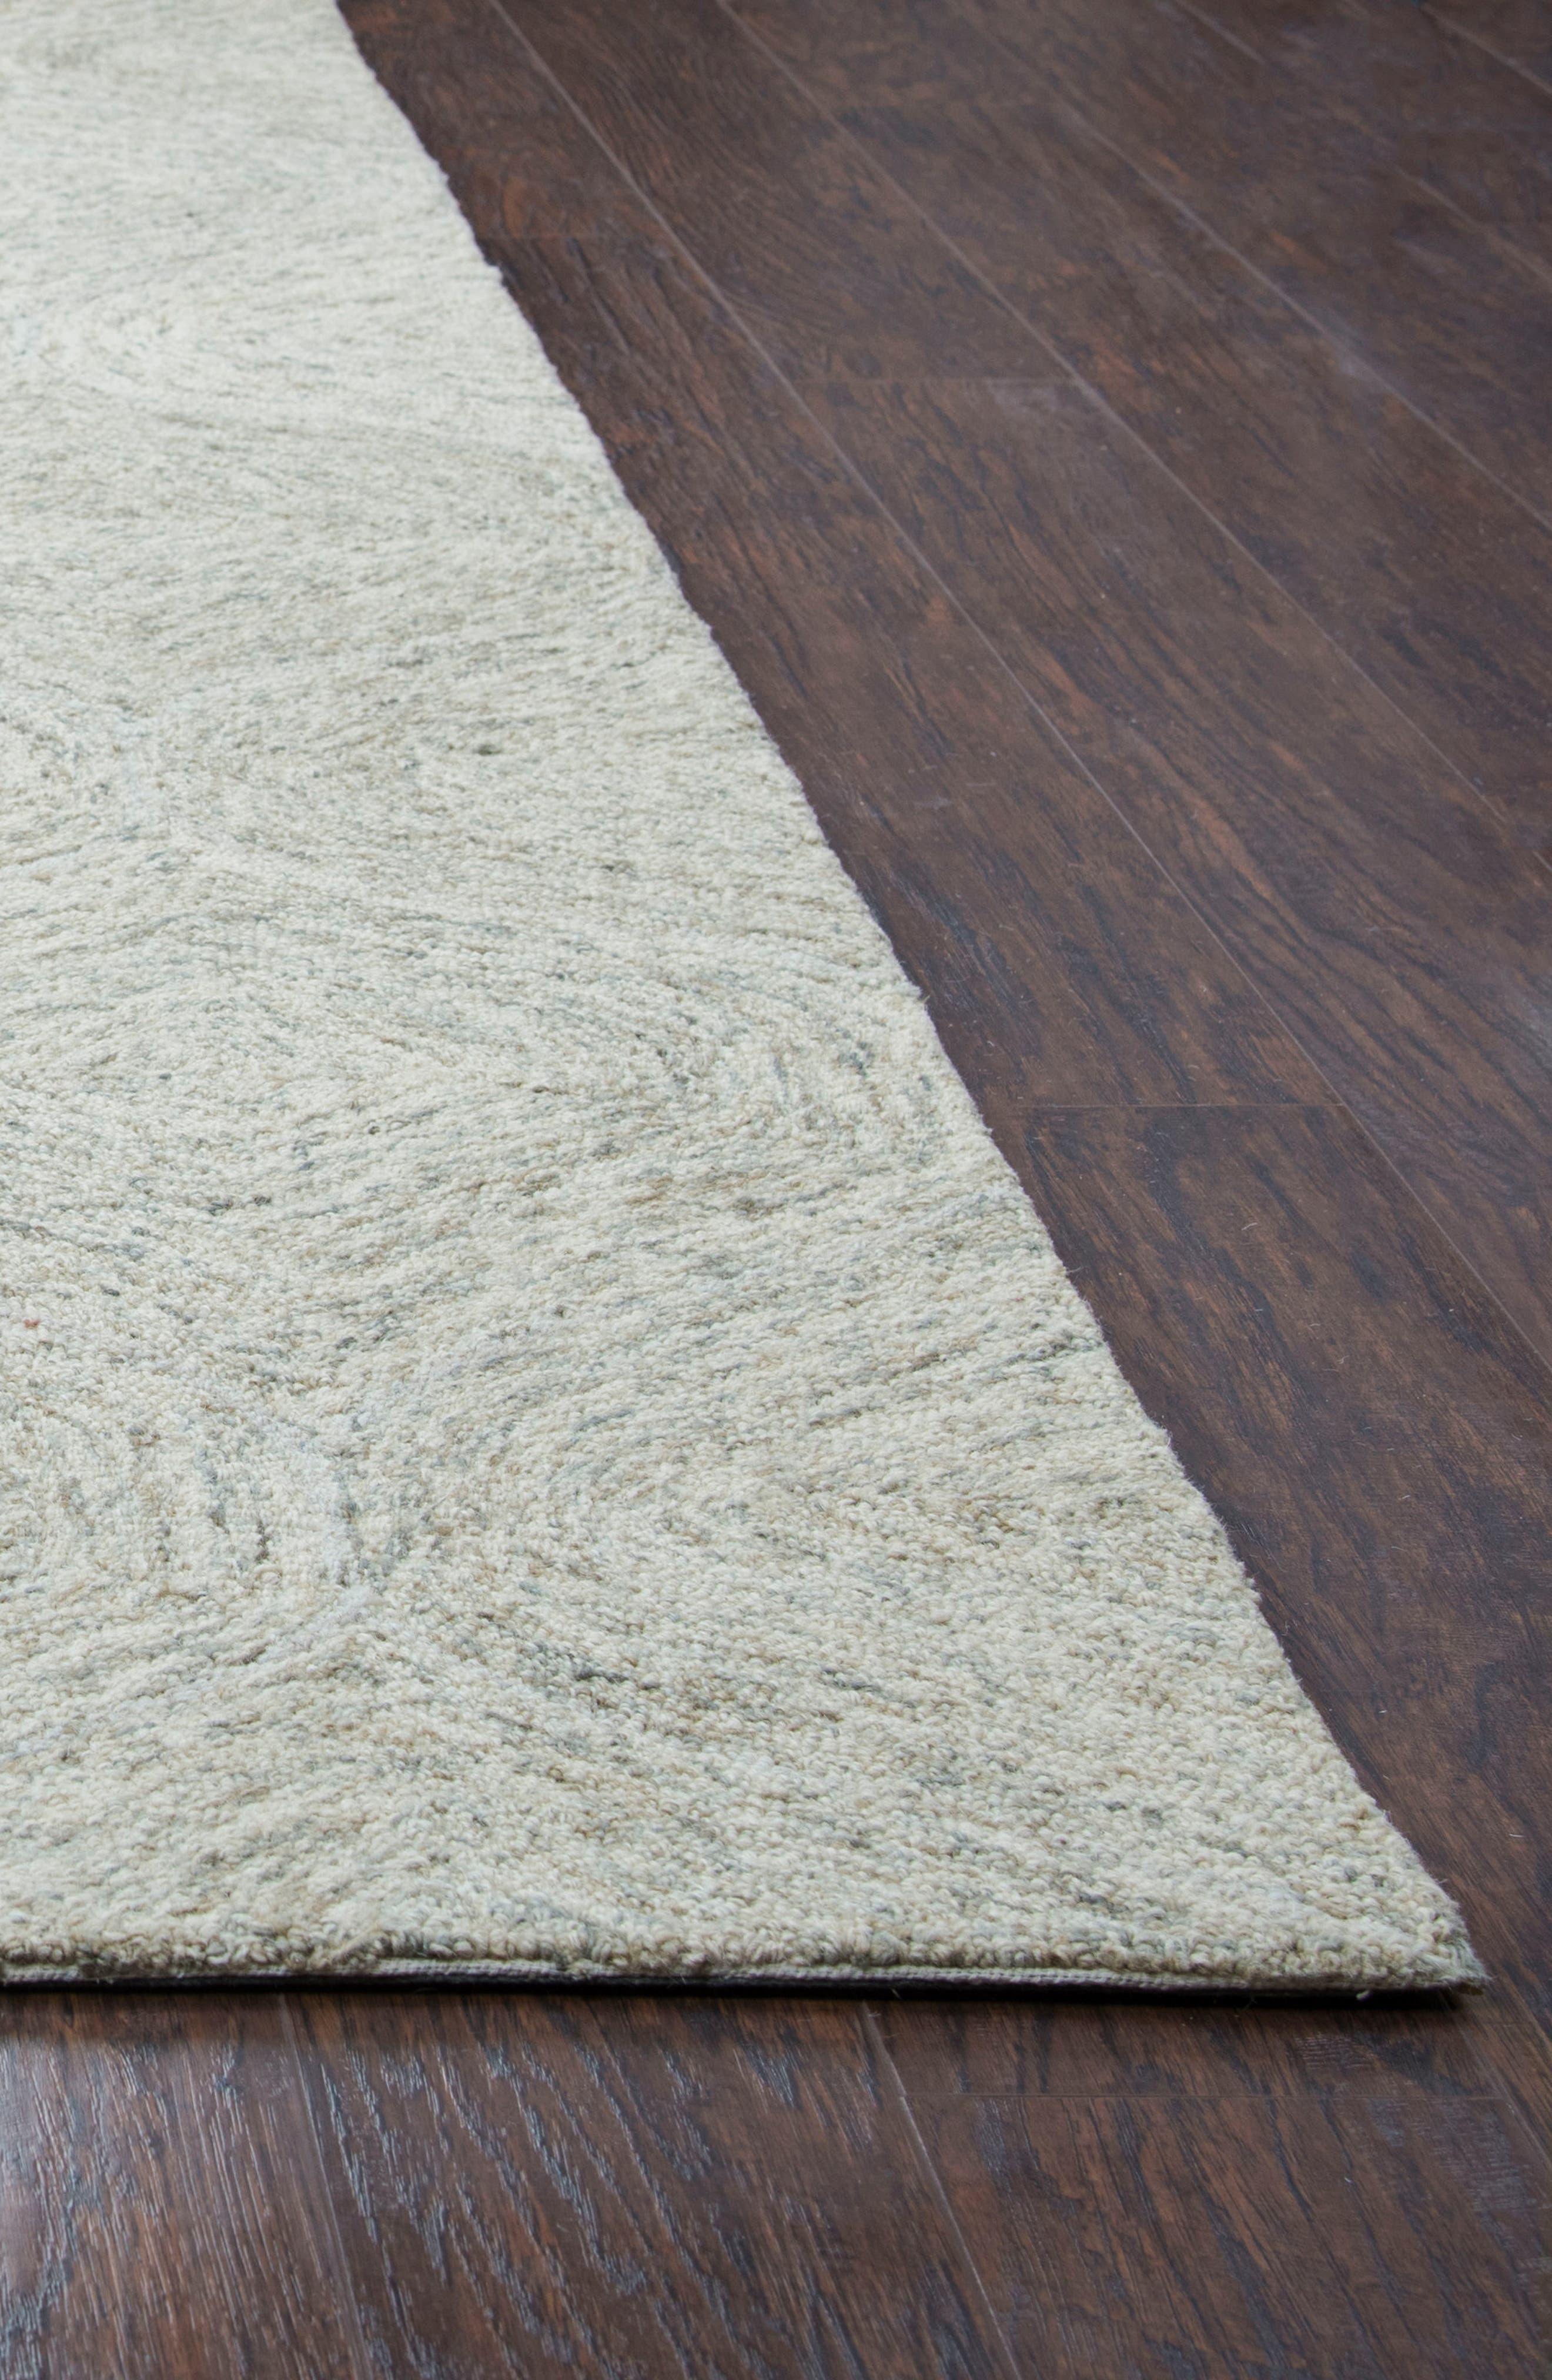 Irregular Diamond Hand Tufted Wool Area Rug,                             Alternate thumbnail 17, color,